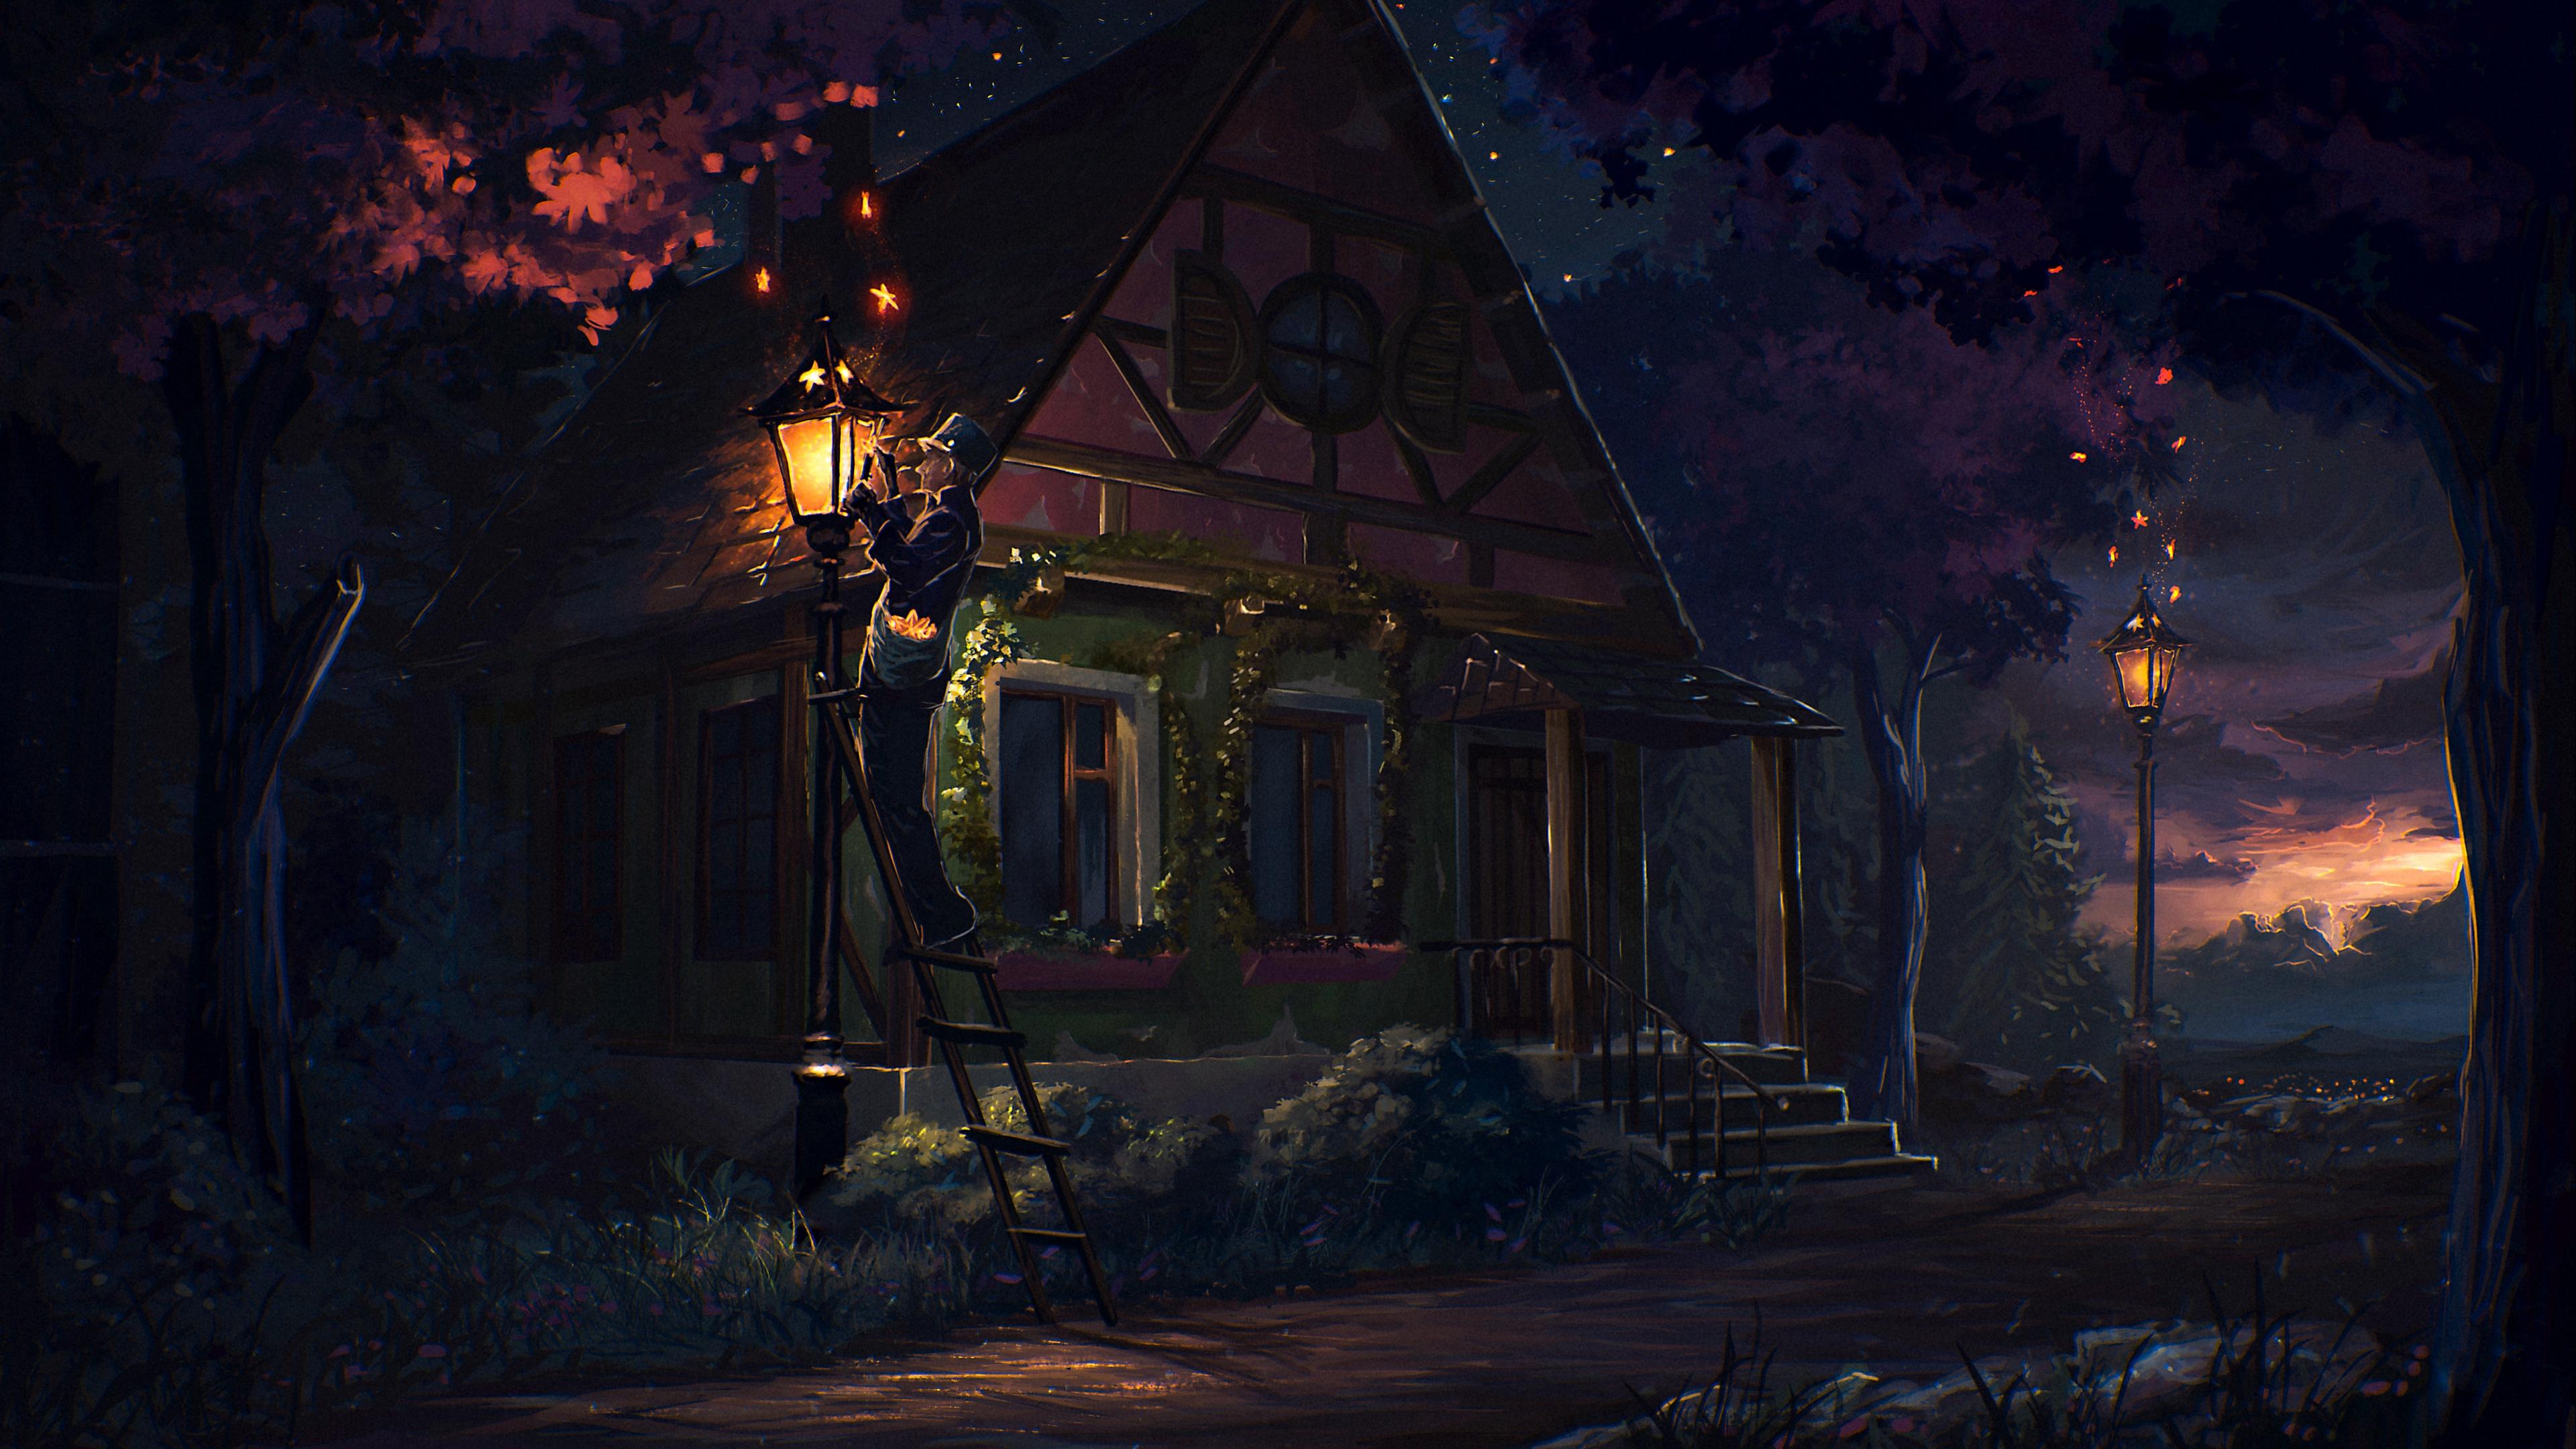 house fairy tale art light night 4k 1536098182 - house, fairy tale, art, light, night 4k - House, fairy tale, art